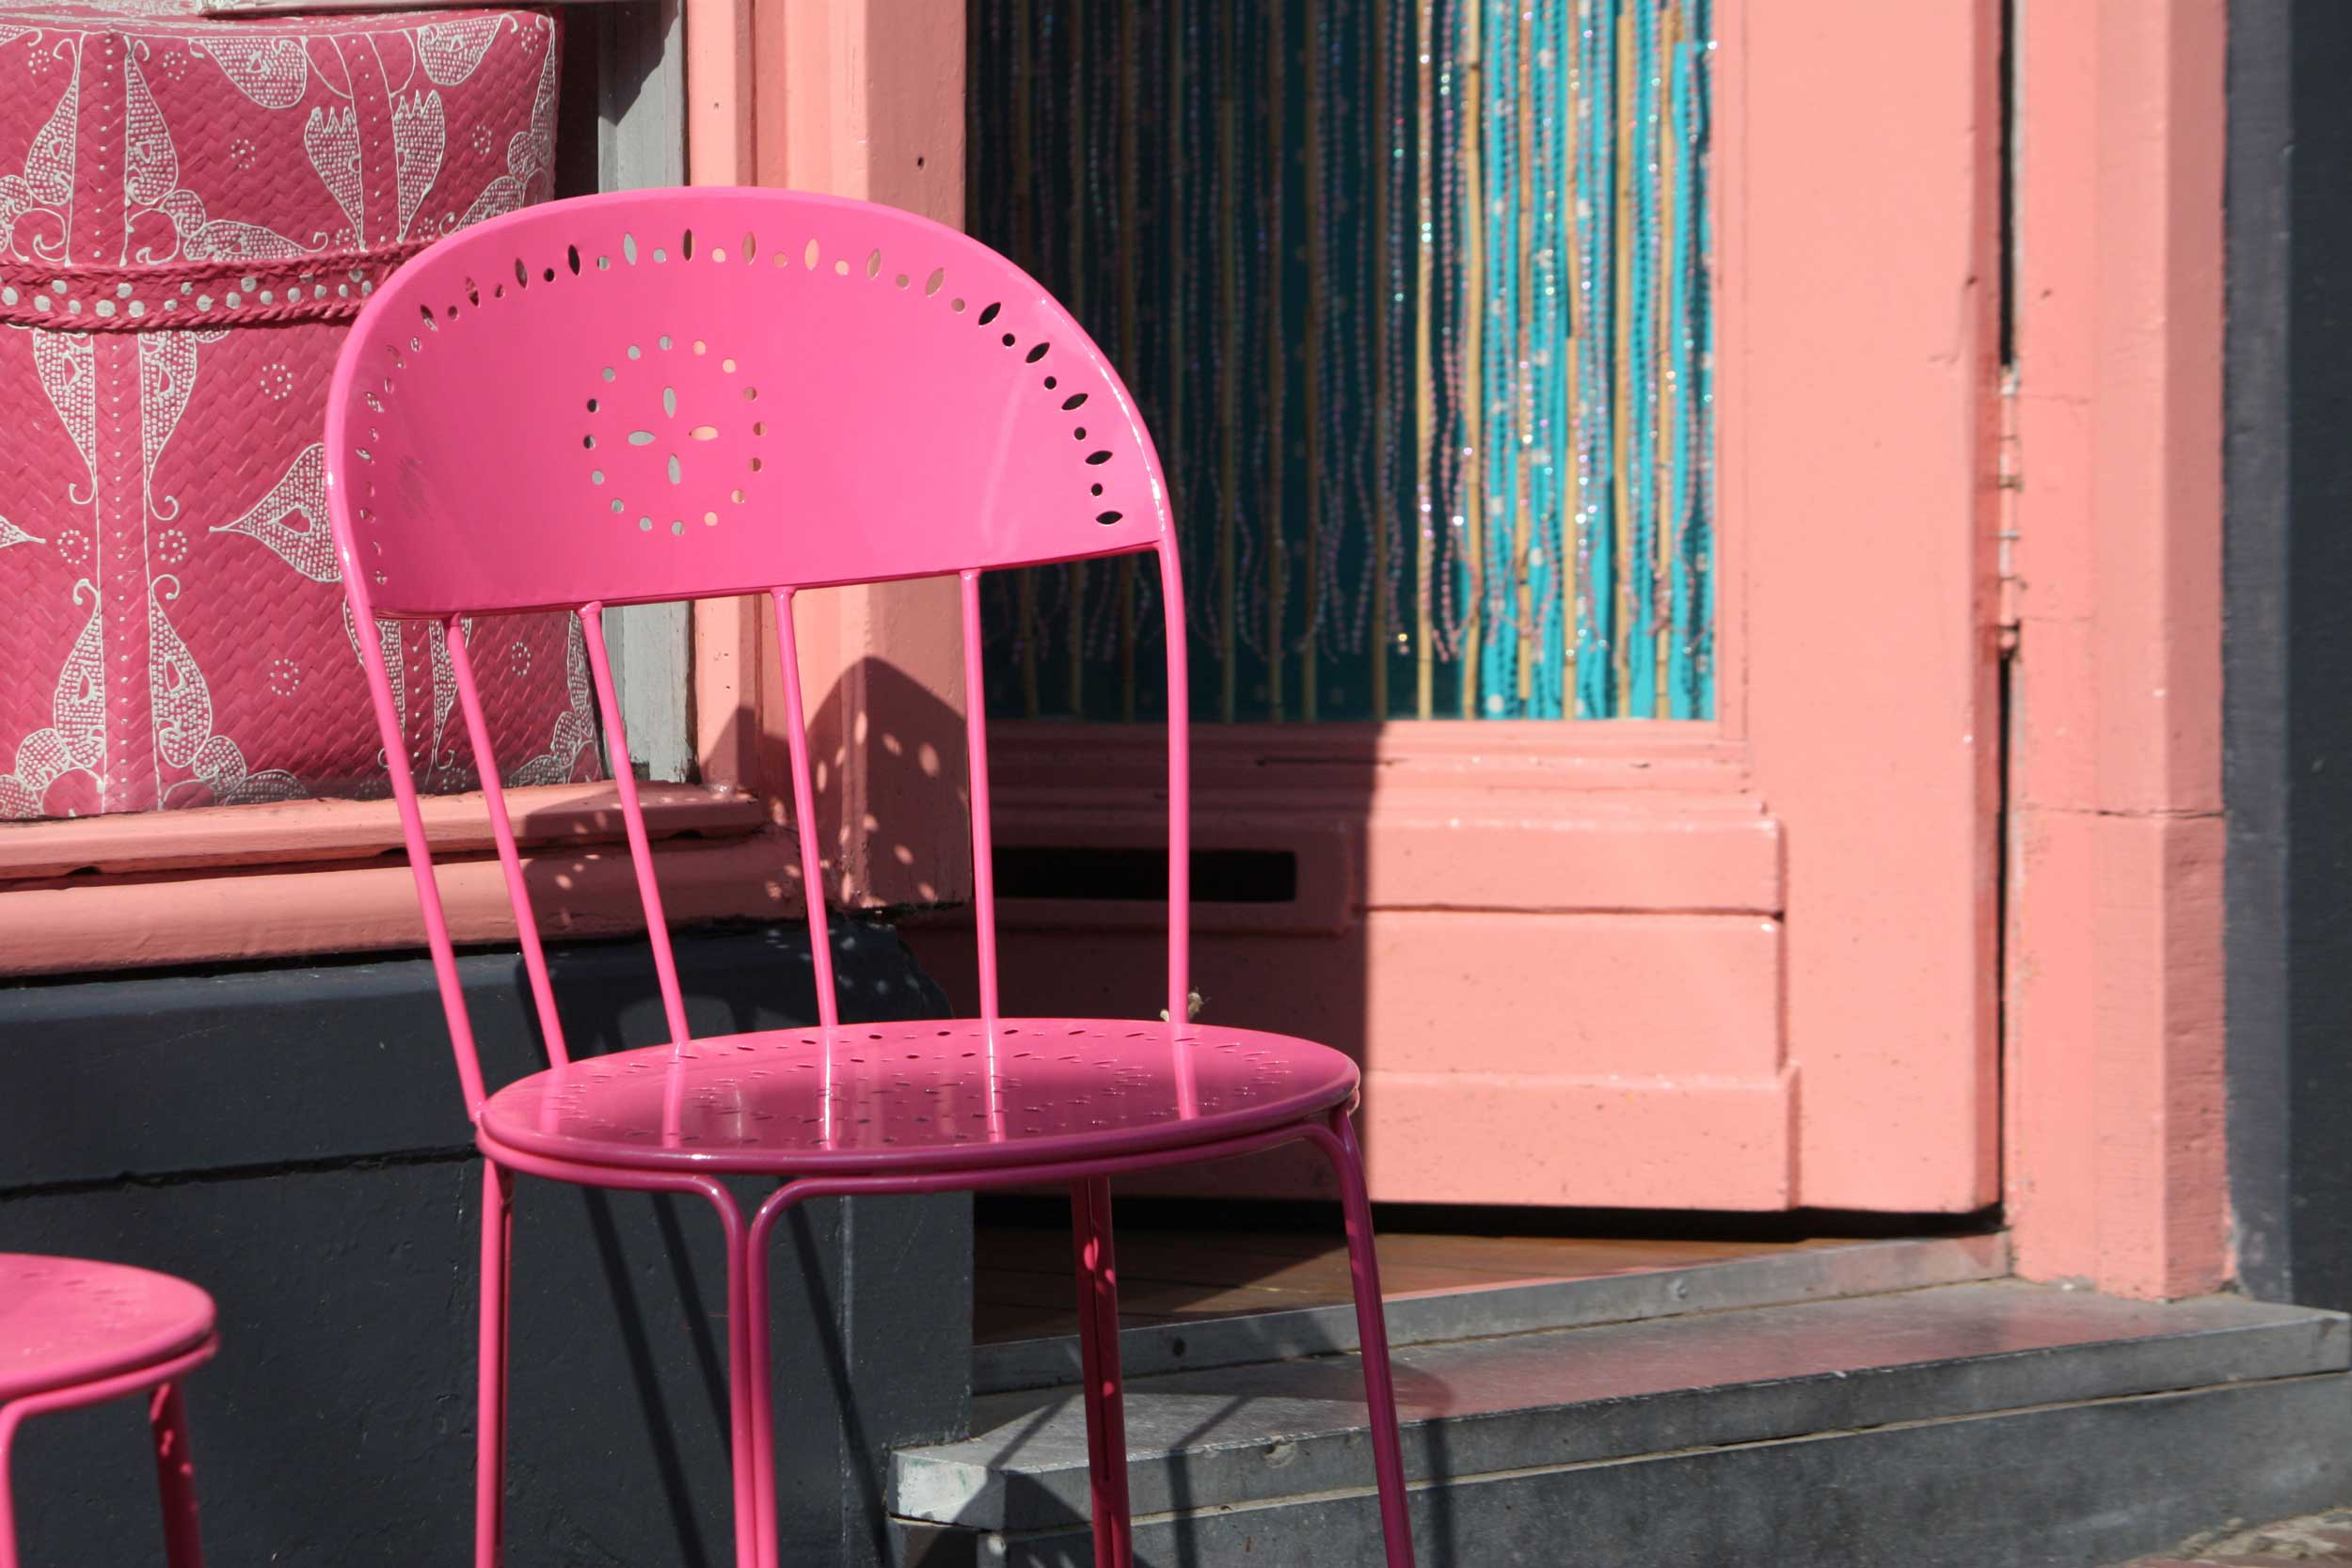 78_Pink-shop-in-Nijmegen_rgb_opt_web.jpg